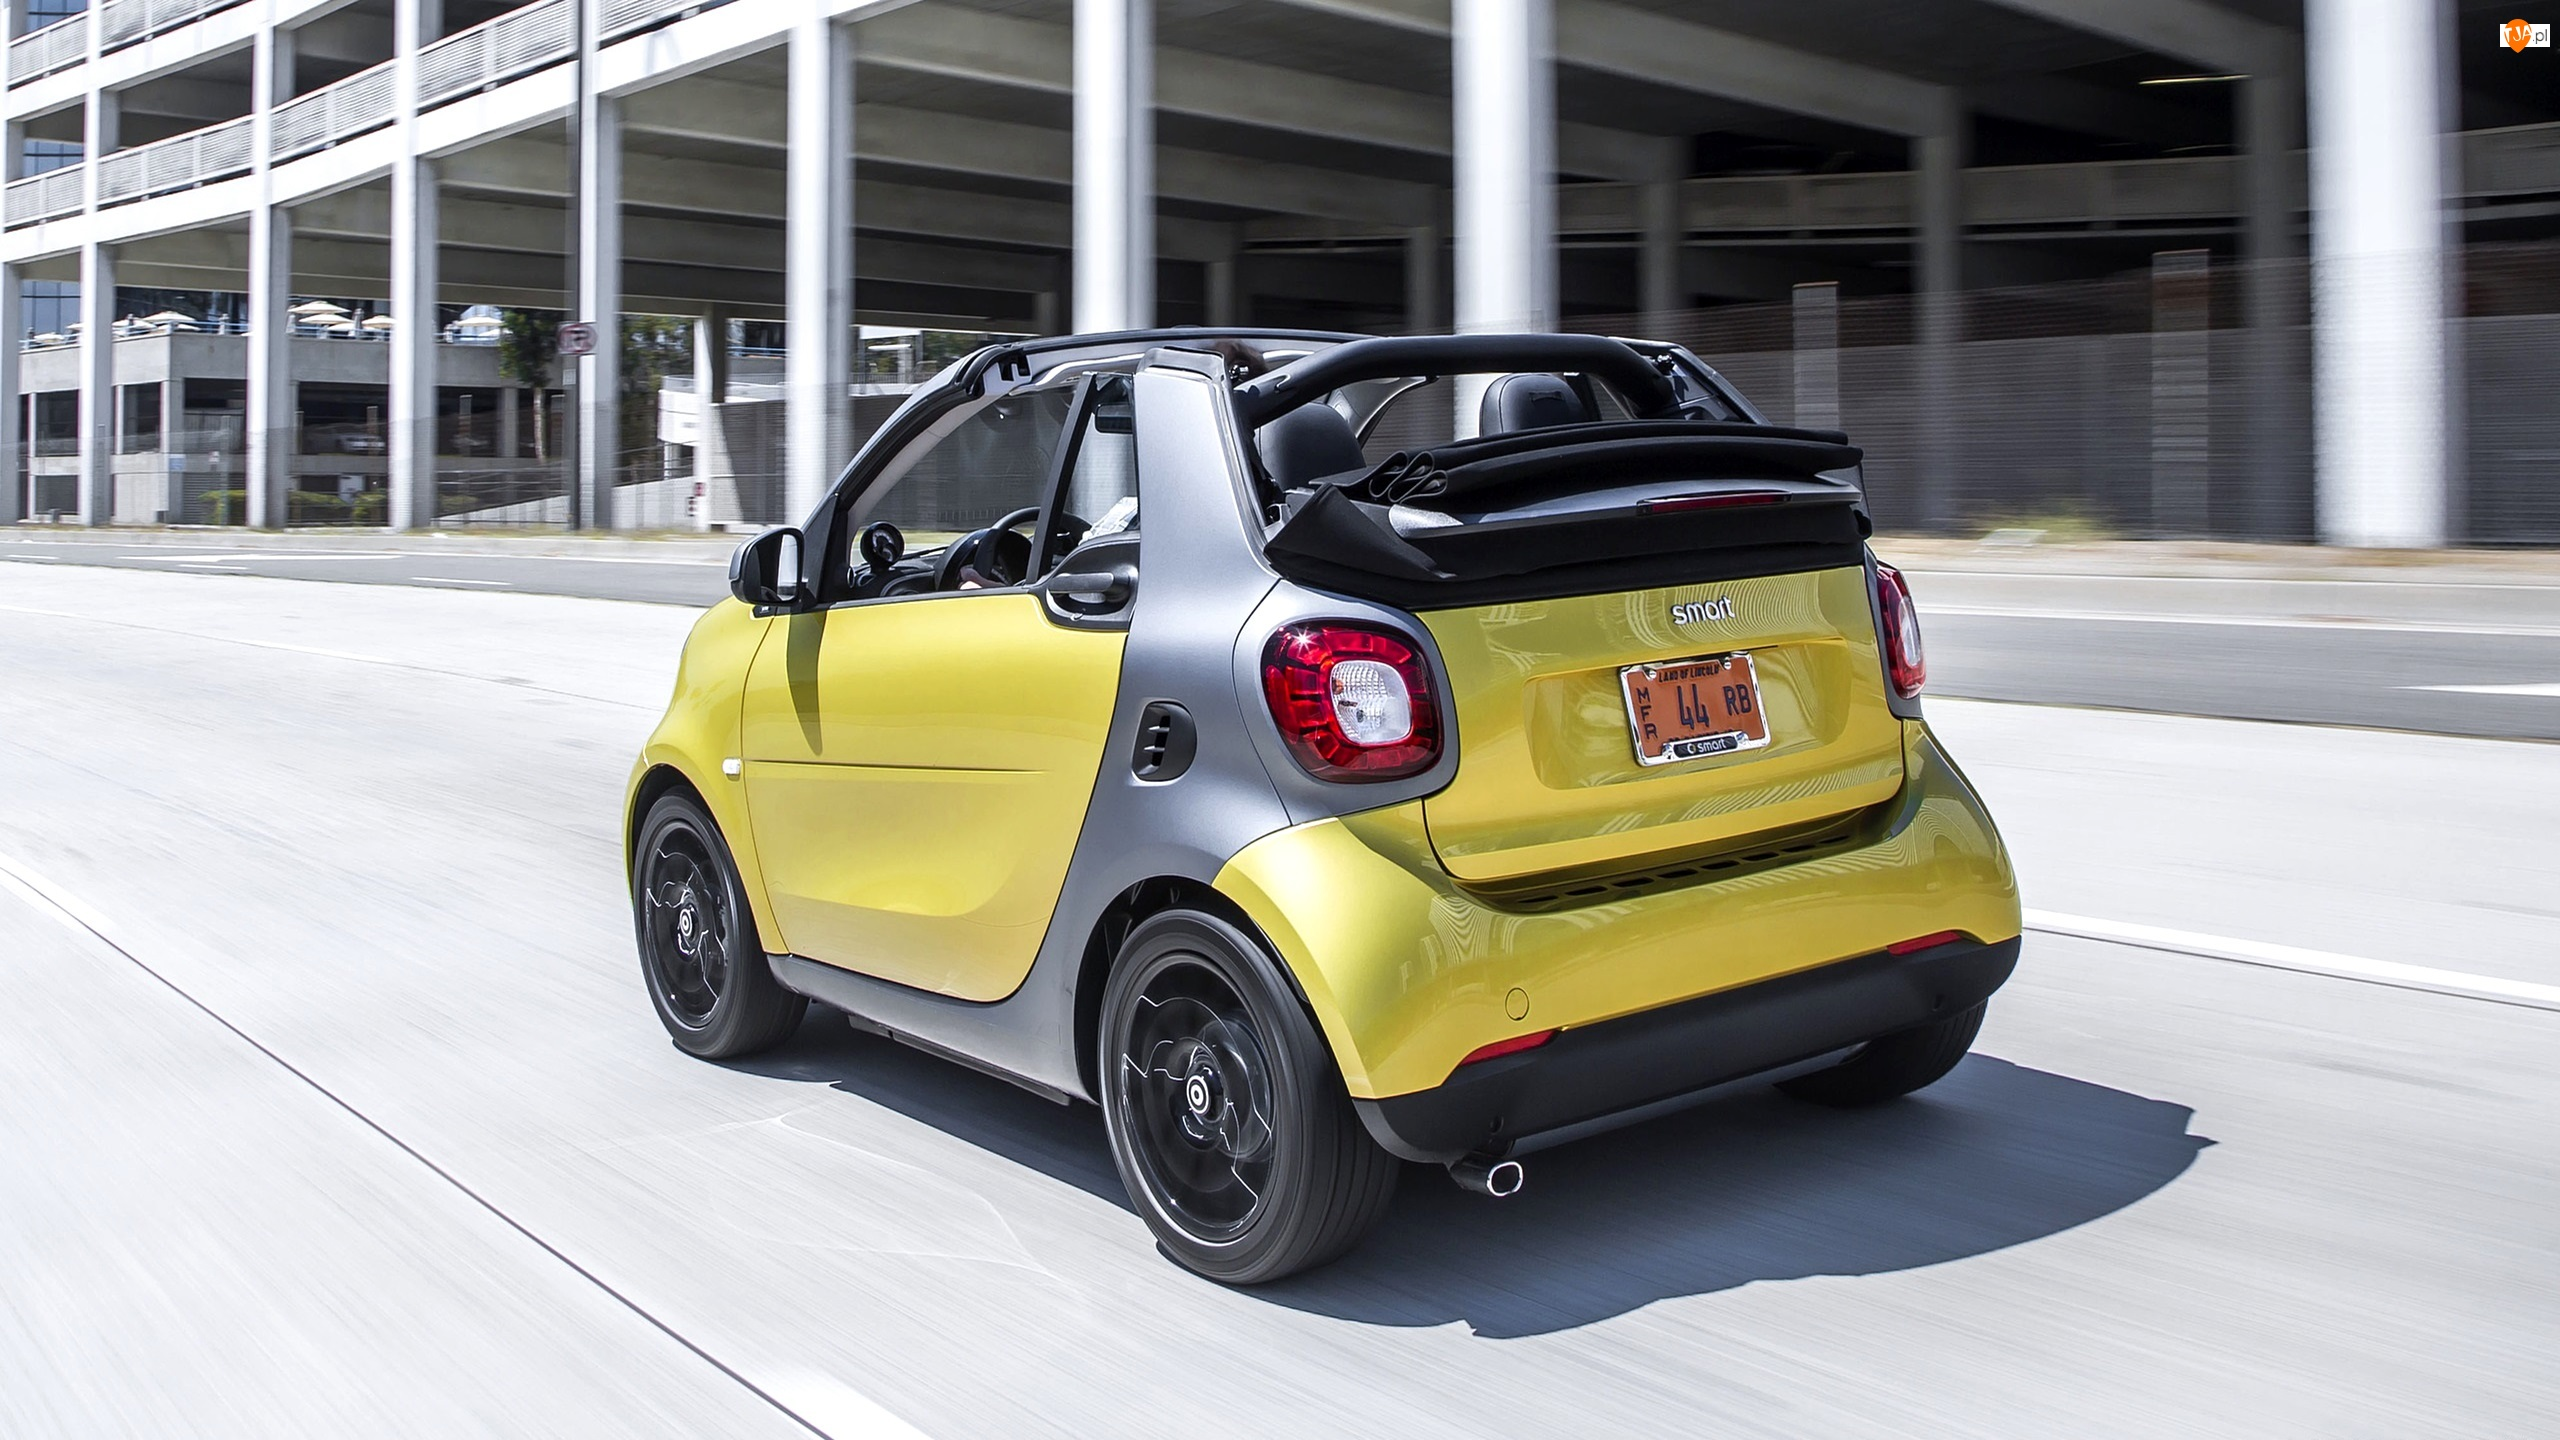 Żółty, Ulica Smart Fortwo, Smart Fortwo Cabrio, 2017